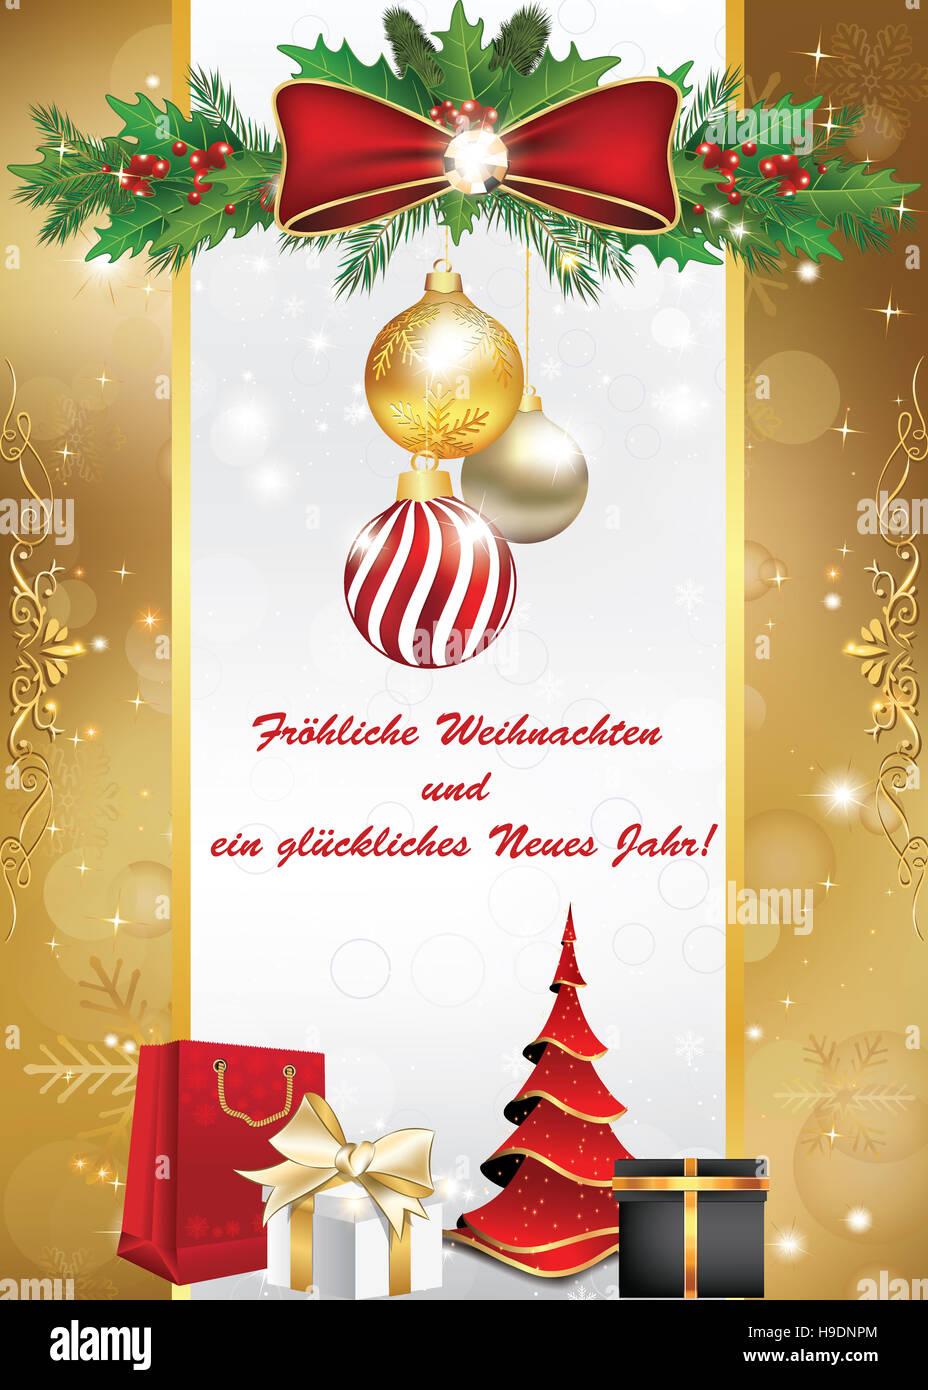 Fröhliche Weihnachten und ein Glückliches Neues Jahr Grußkarte Stock ...